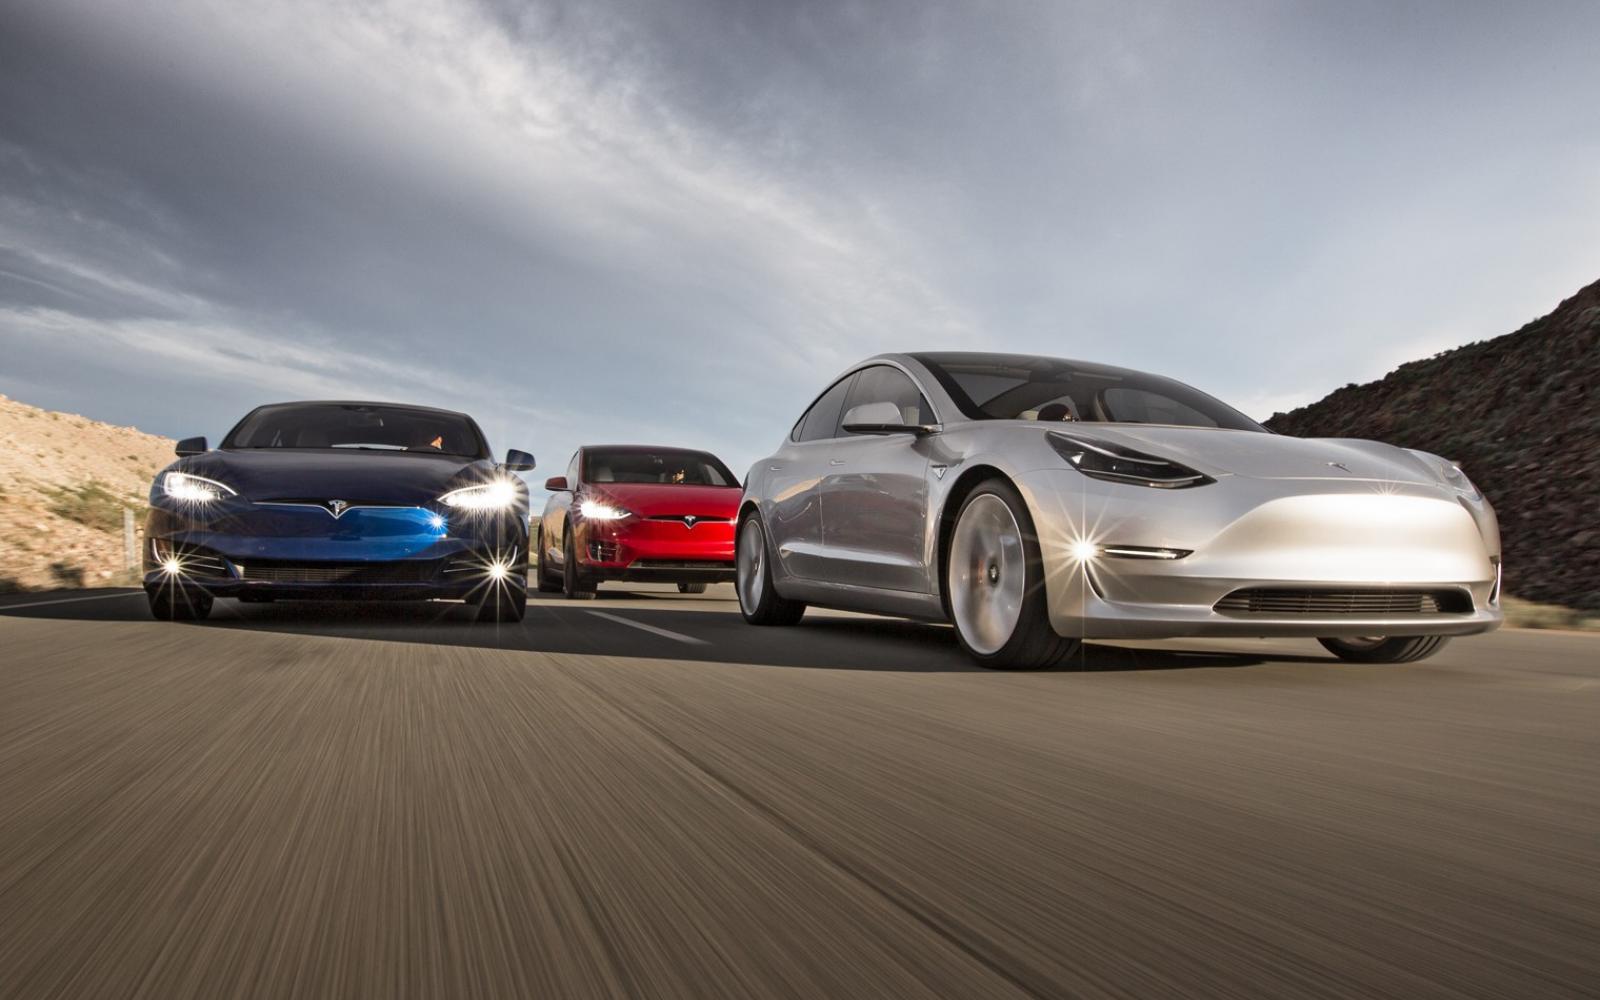 Verkoop elektrische auto's door het dak